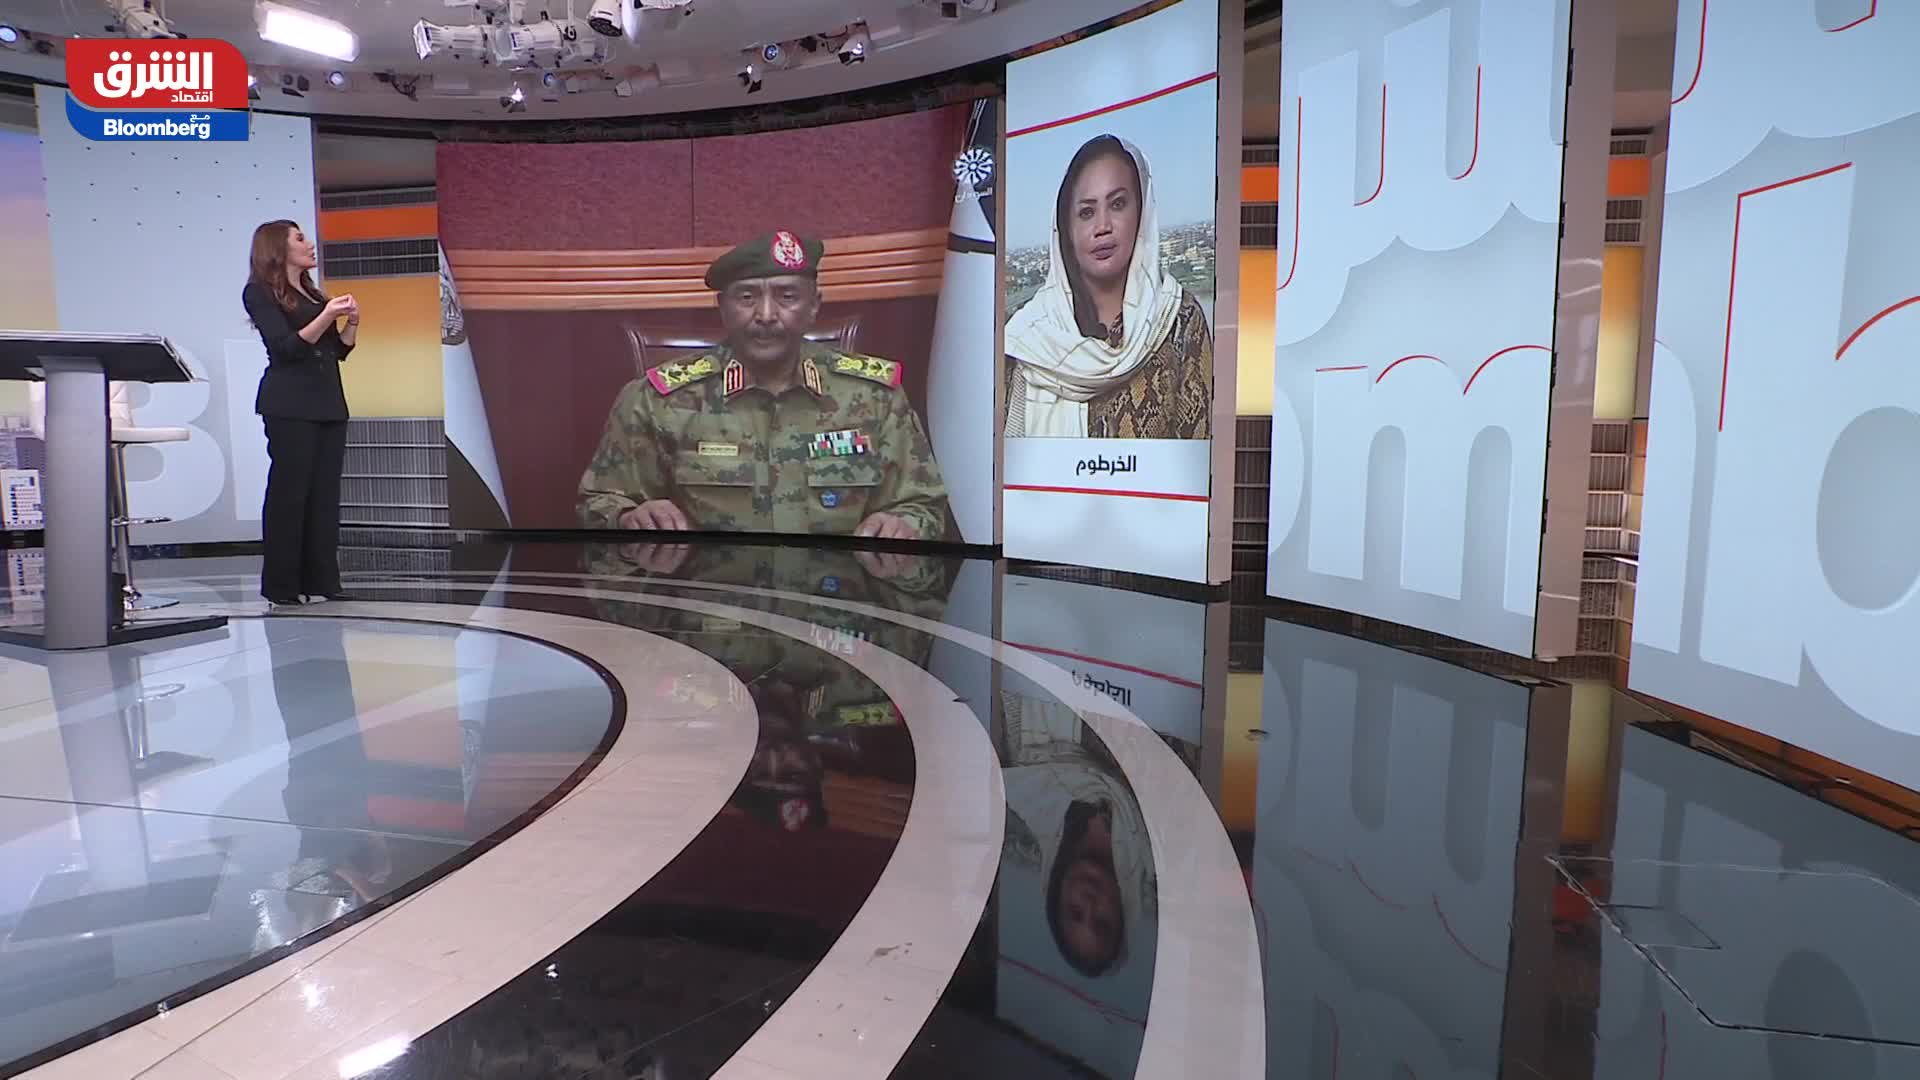 ماذا يحدث في السودان الآن بعد إعلان حالة الطوارئ من قبل رئيس مجلس السيادة السوداني؟